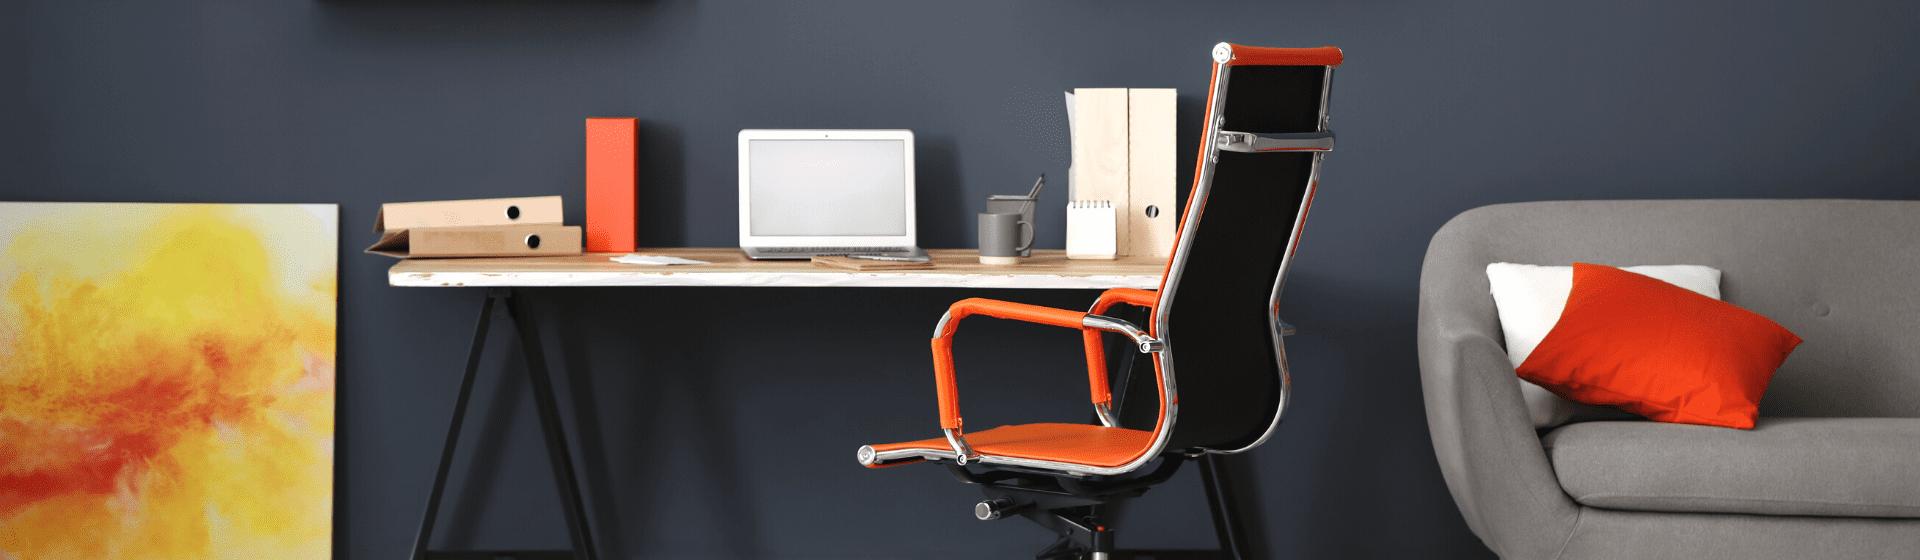 Como escolher a cadeira de escritório ideal?